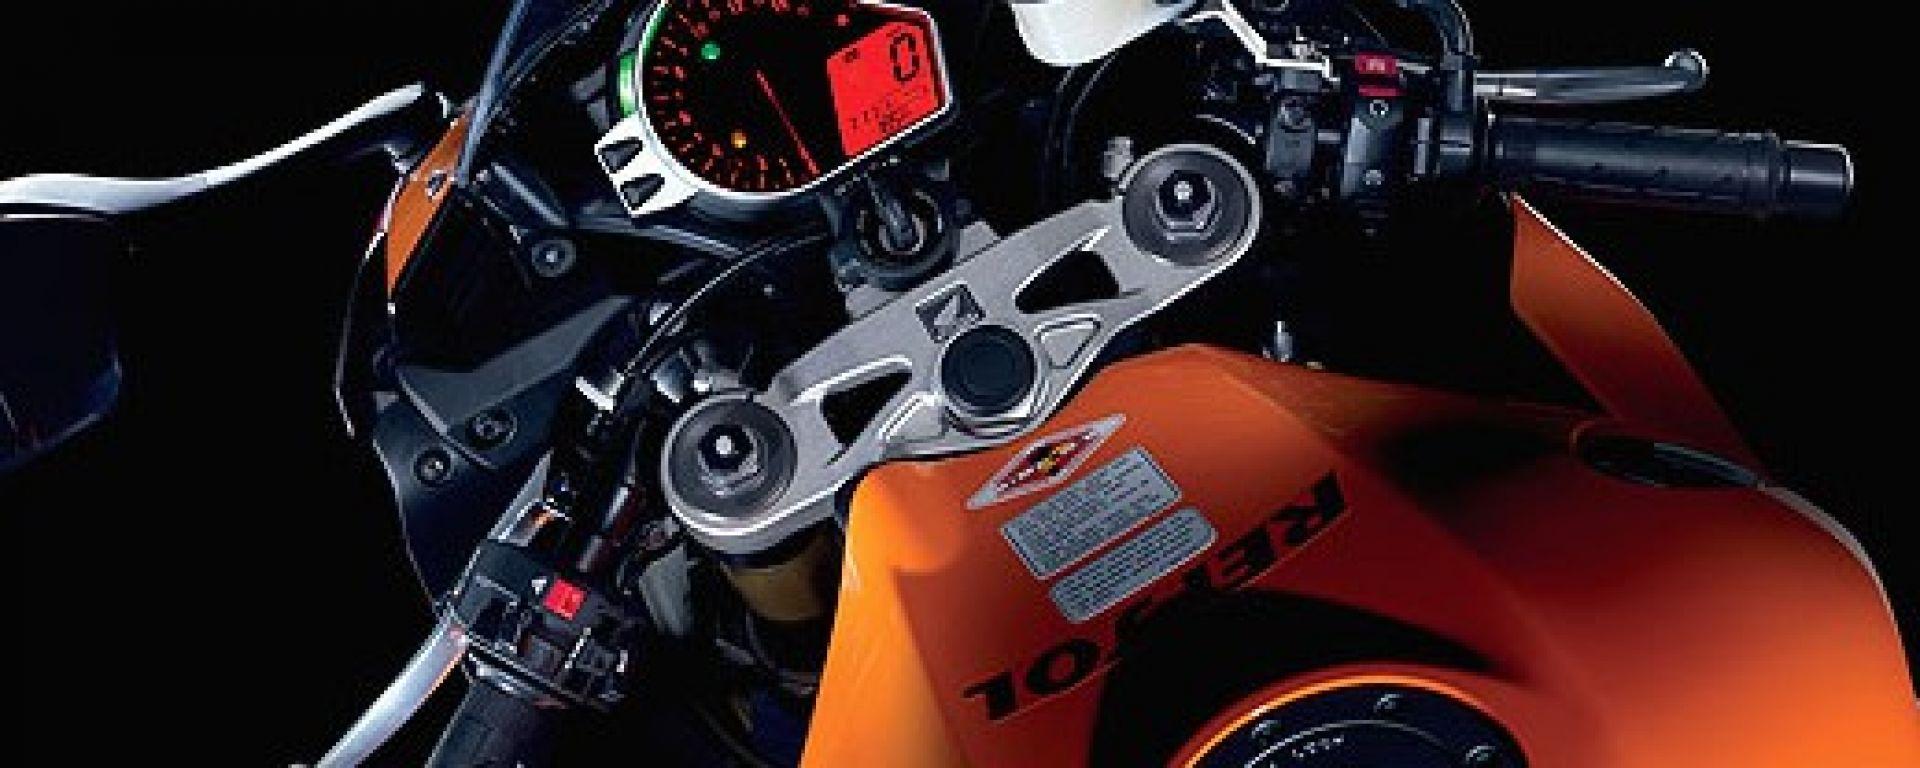 Honda CBR 1000 RR 2009